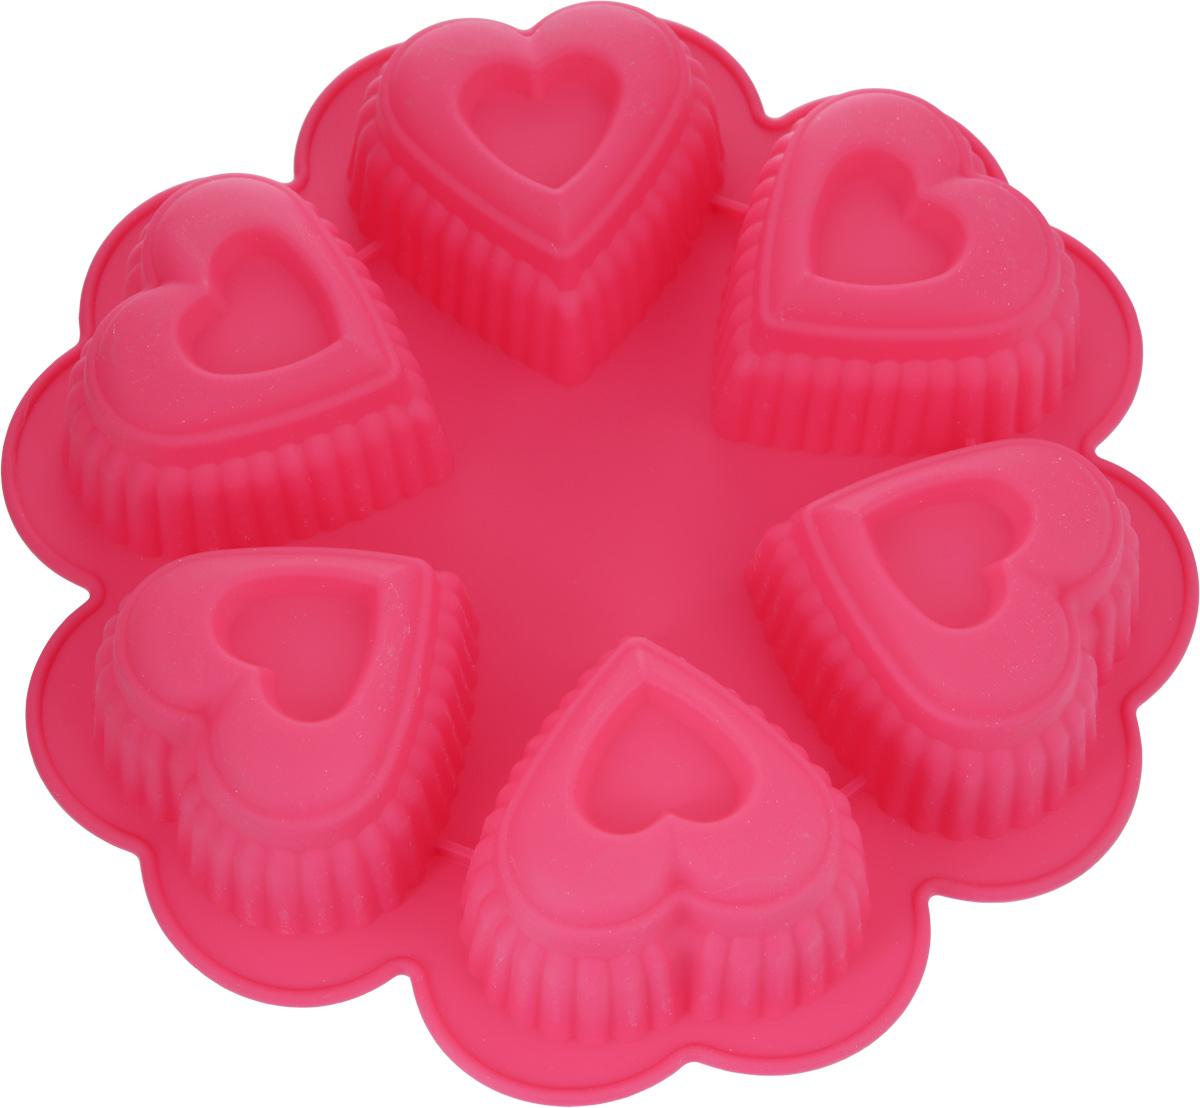 Форма для выпечки Marmiton Сердце, цвет: малиновый, 25,5 х 25,5 х 5 см, 6 ячеек16027_малиновыйФорма для выпечки Marmiton Сердце выполнена из силикона. На одном листе расположены 6 ячеек в виде сердец. Благодаря тому, что форма изготовлена из силикона, готовый лед, выпечку или мармелад вынимать легко и просто.Материал устойчив к фруктовым кислотам, может быть использован в духовках и микроволновых печах (выдерживает температуру от -40°С до 230°С). Можно мыть и сушить в посудомоечной машине.Общий размер формы: 25,5 х 25,5 х 5 см.Размер ячейки: 8 х 8 х 5 см.